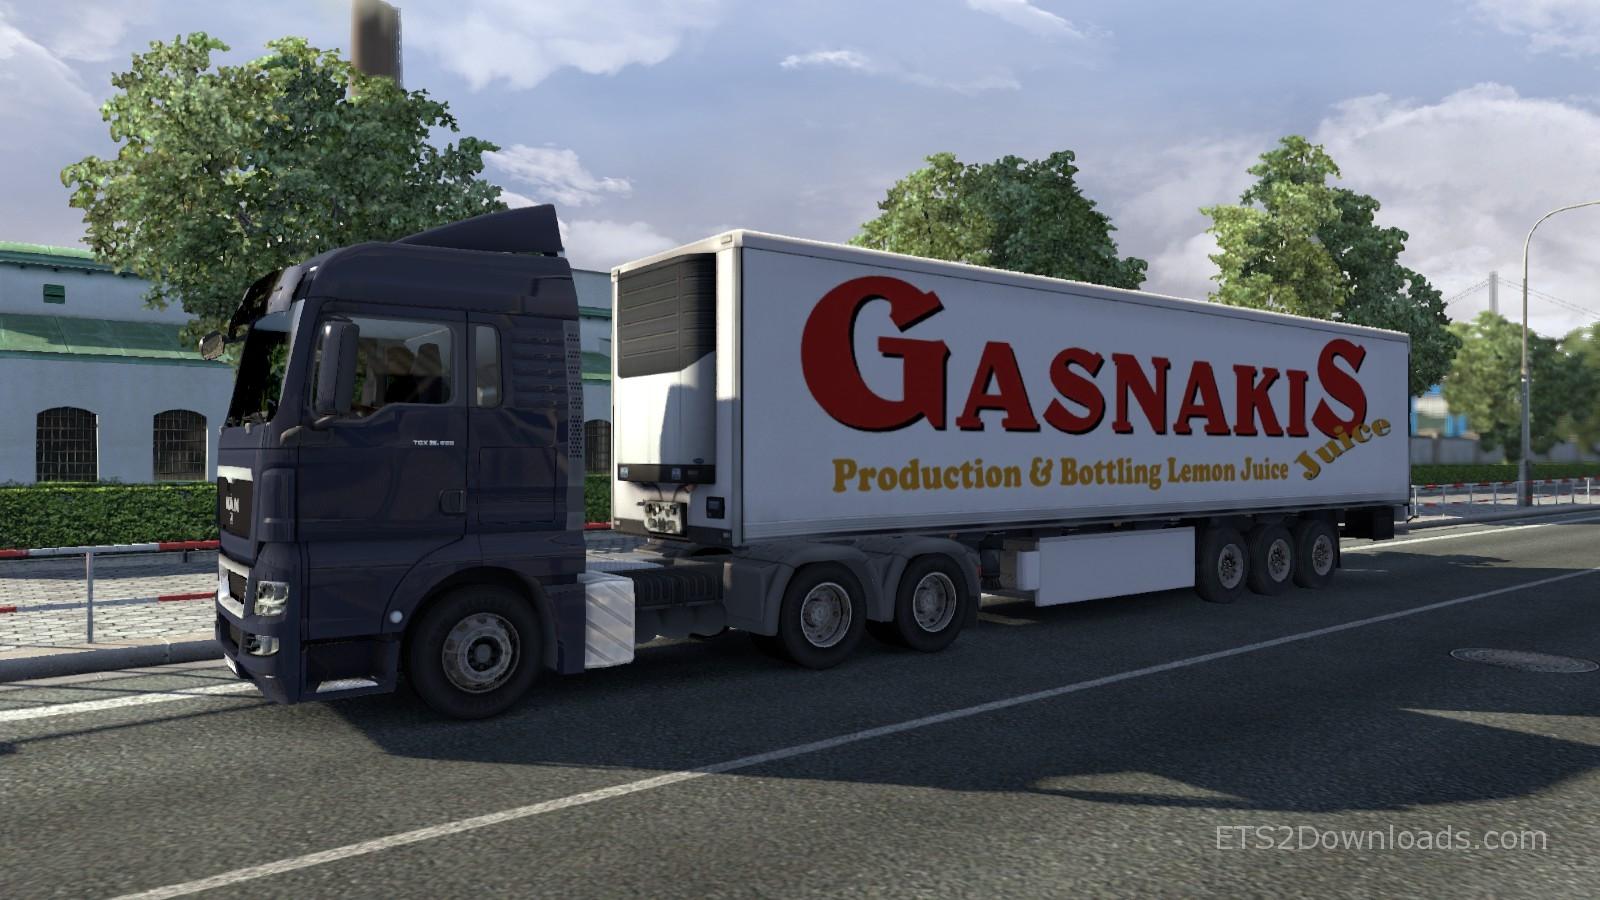 gasnakis-trailer-2